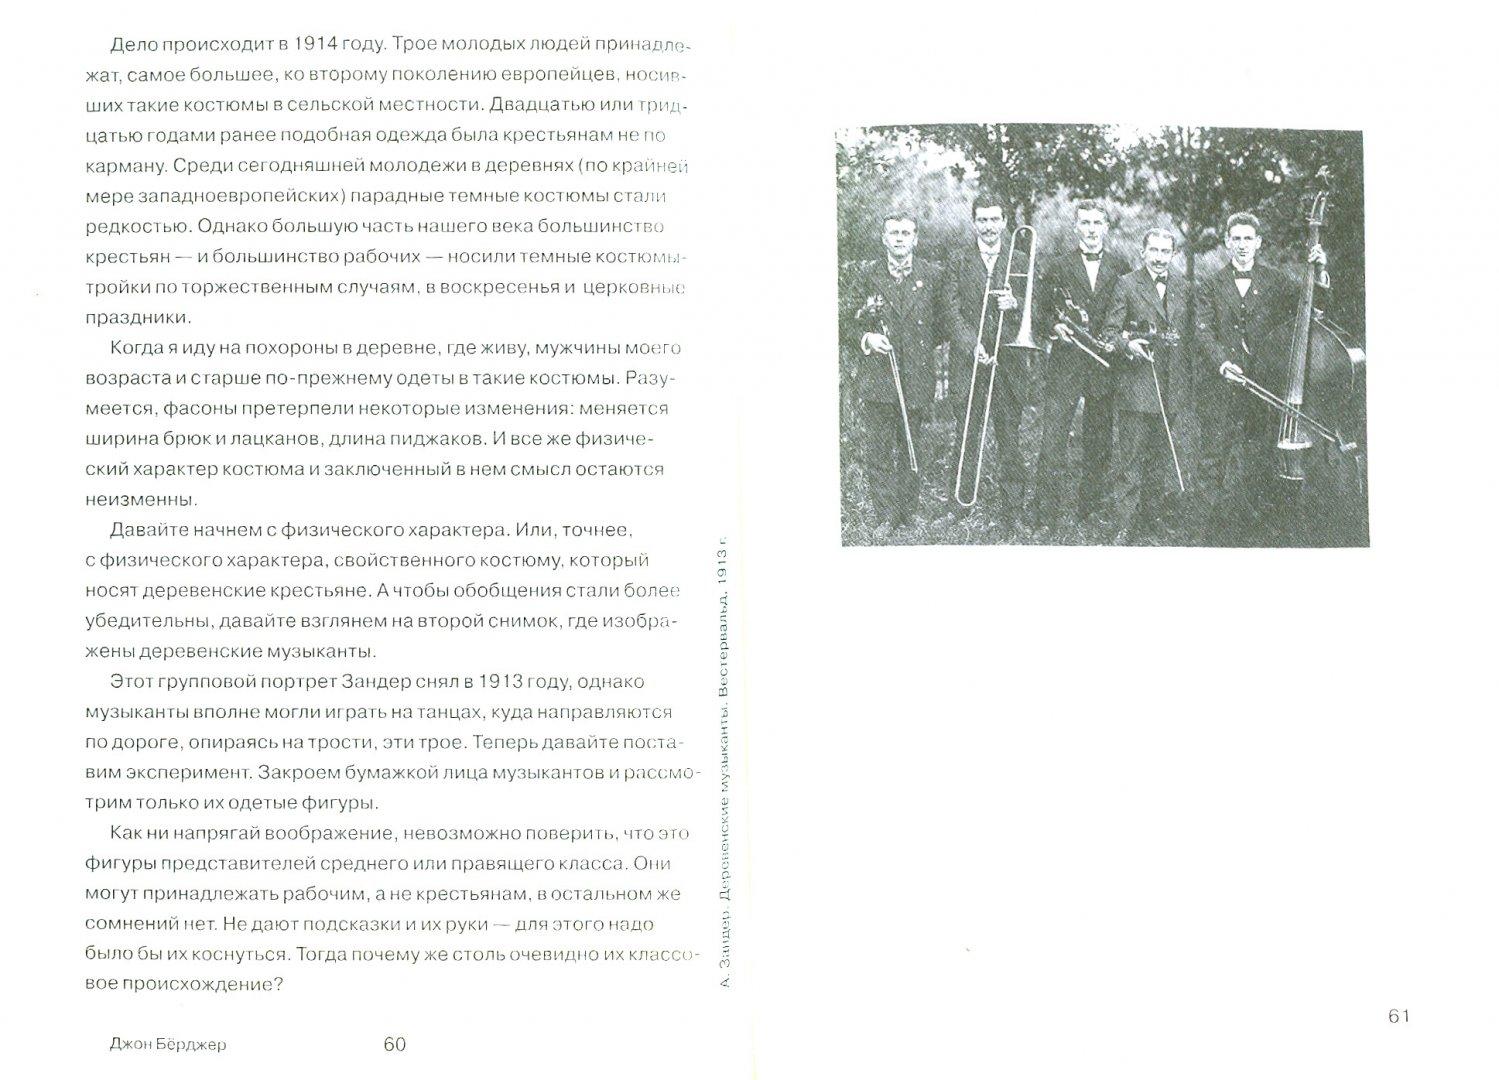 Иллюстрация 1 из 6 для Фотография и ее предназначения - Джон Берджер   Лабиринт - книги. Источник: Лабиринт